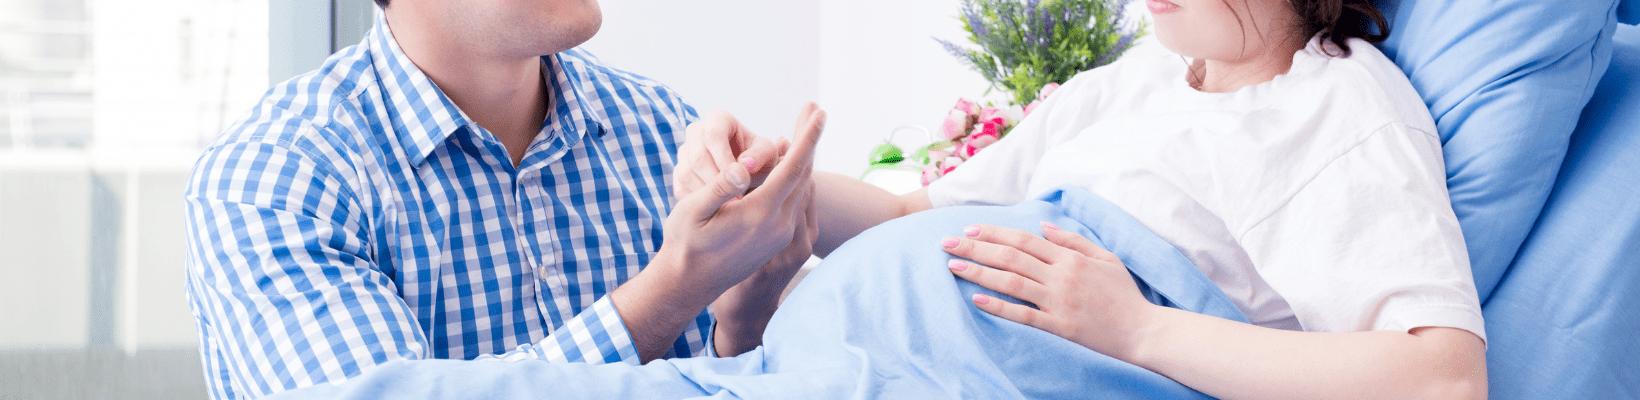 mąż odwiedza ciężarną żonę w szpitalu